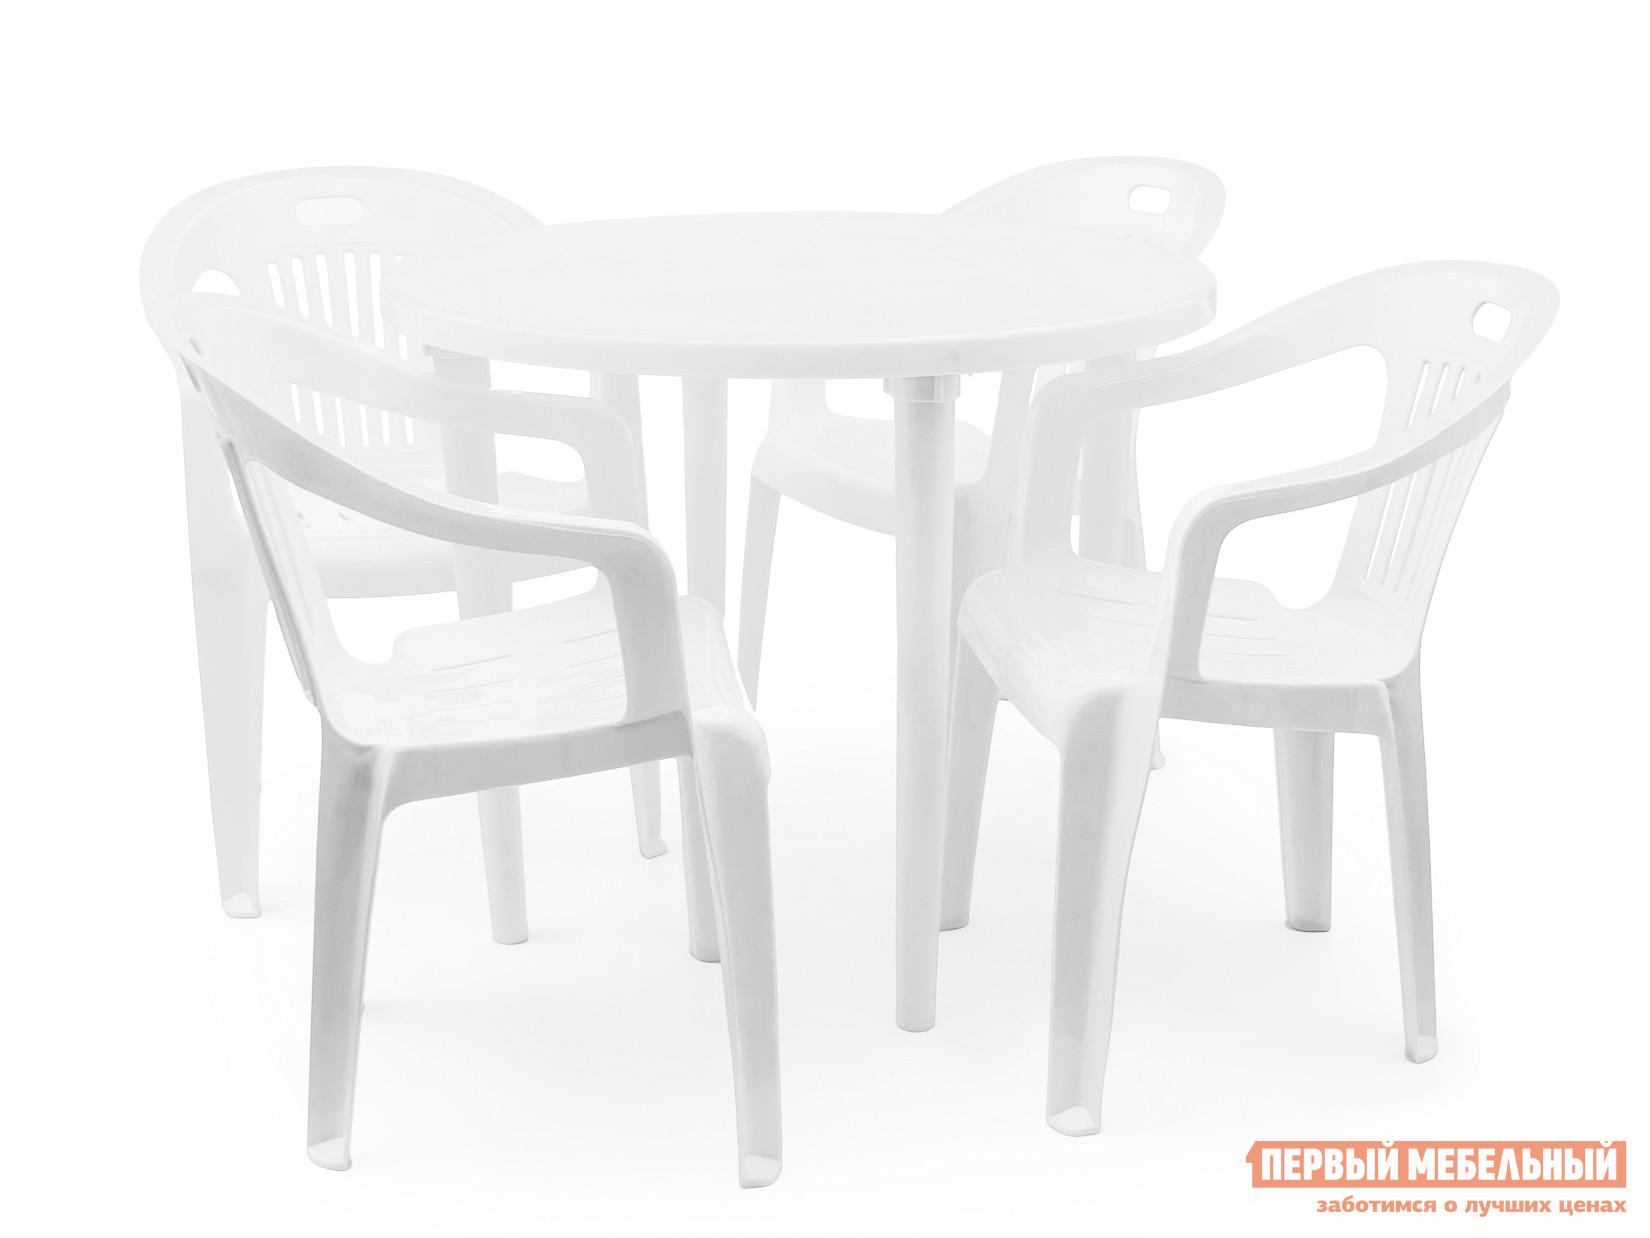 Набор пластиковой мебели Стандарт Пластик Стол круглый, д. 900 мм + Кресло №5 Комфорт-1(540x535x780мм), 4 шт. БелыйНаборы пластиковой мебели<br>Габаритные размеры ВхШхГ xx мм. Готовый комплект сэкономит время при выборе и покупке пластиковой мебели.  Мы уже составили для вас лучшие варианты сочетающихся между собой элементов.  В этот набор входит круглый пластиковый стол диаметром 90 см и четыре кресла с подлокотниками. Каждое кресло рассчитано на максимальный вес 120 кг. Размеры элементов:Стол: 700 Х 900 Х 900 мм, вес 5 кг; Кресло: 780 Х 540 Х 535 мм, вес 2. 4 кг. Кресла поставляются в собранном виде.  Стол разобран – для сборки стола необходимо вкрутить ножки в столешницу.<br><br>Цвет: Белый<br>Кол-во упаковок: 5<br>Форма поставки: В собранном виде<br>Срок гарантии: 1 год<br>Тип: На 4 персоны